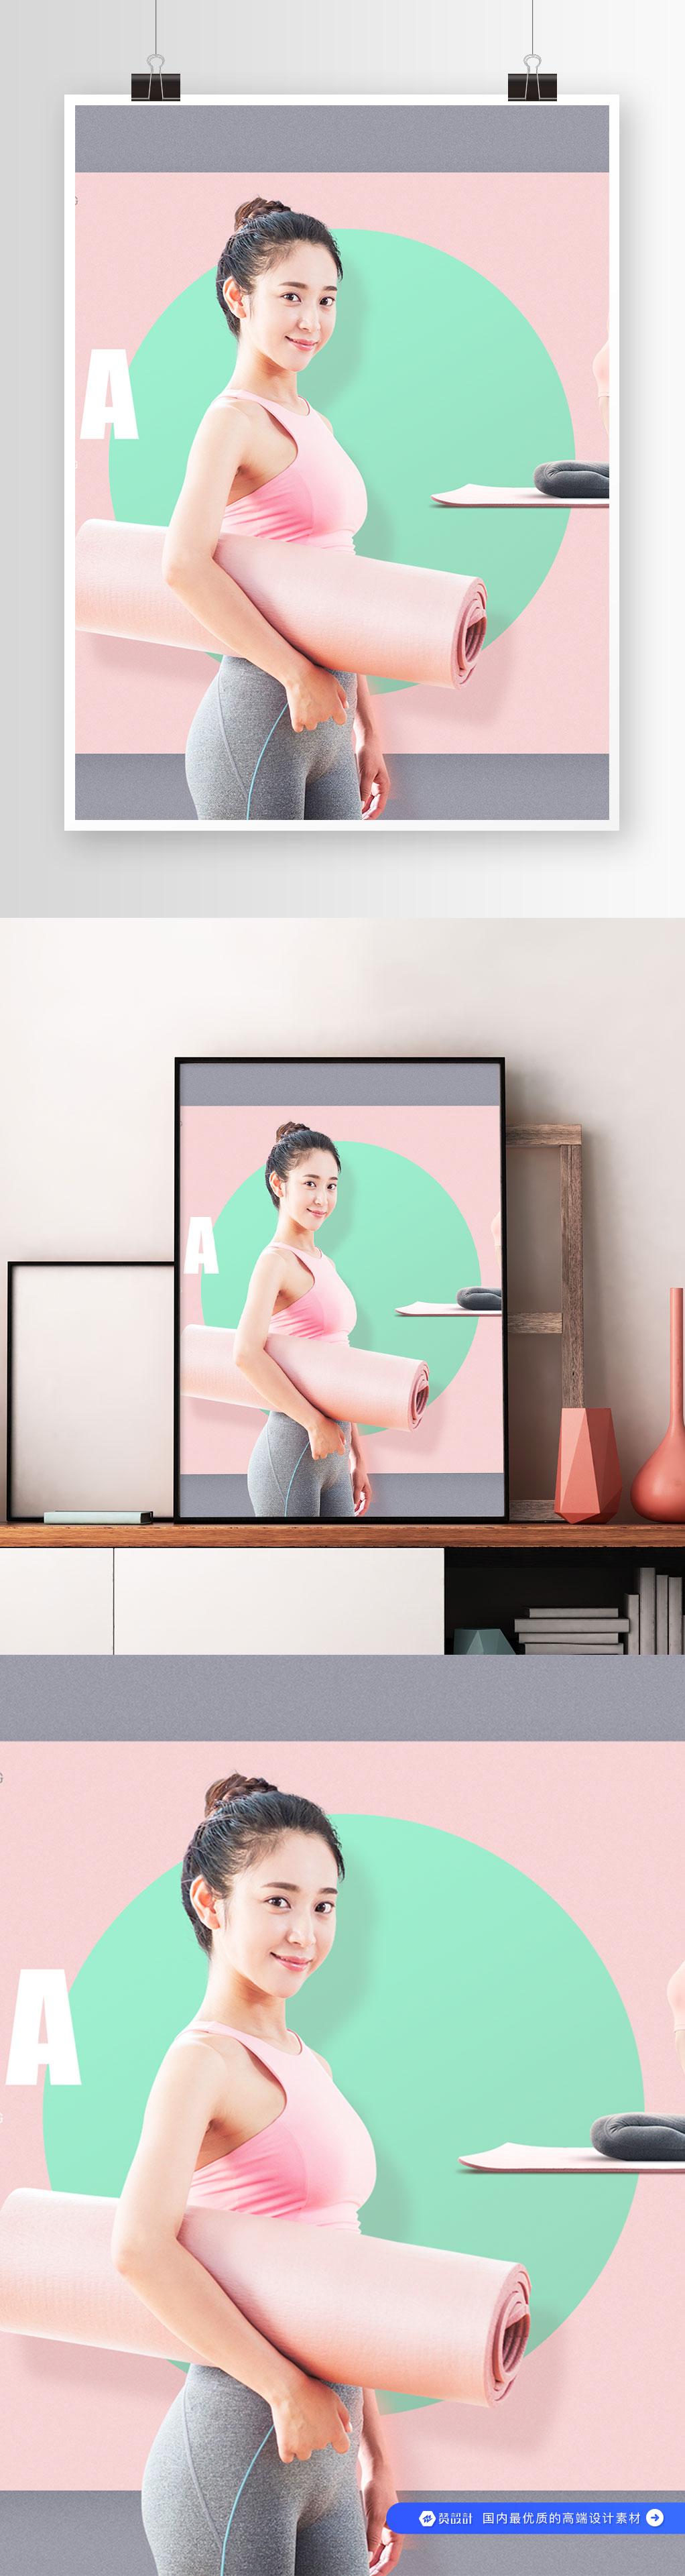 养生运动瑜伽美女健身海报设计素材(5)